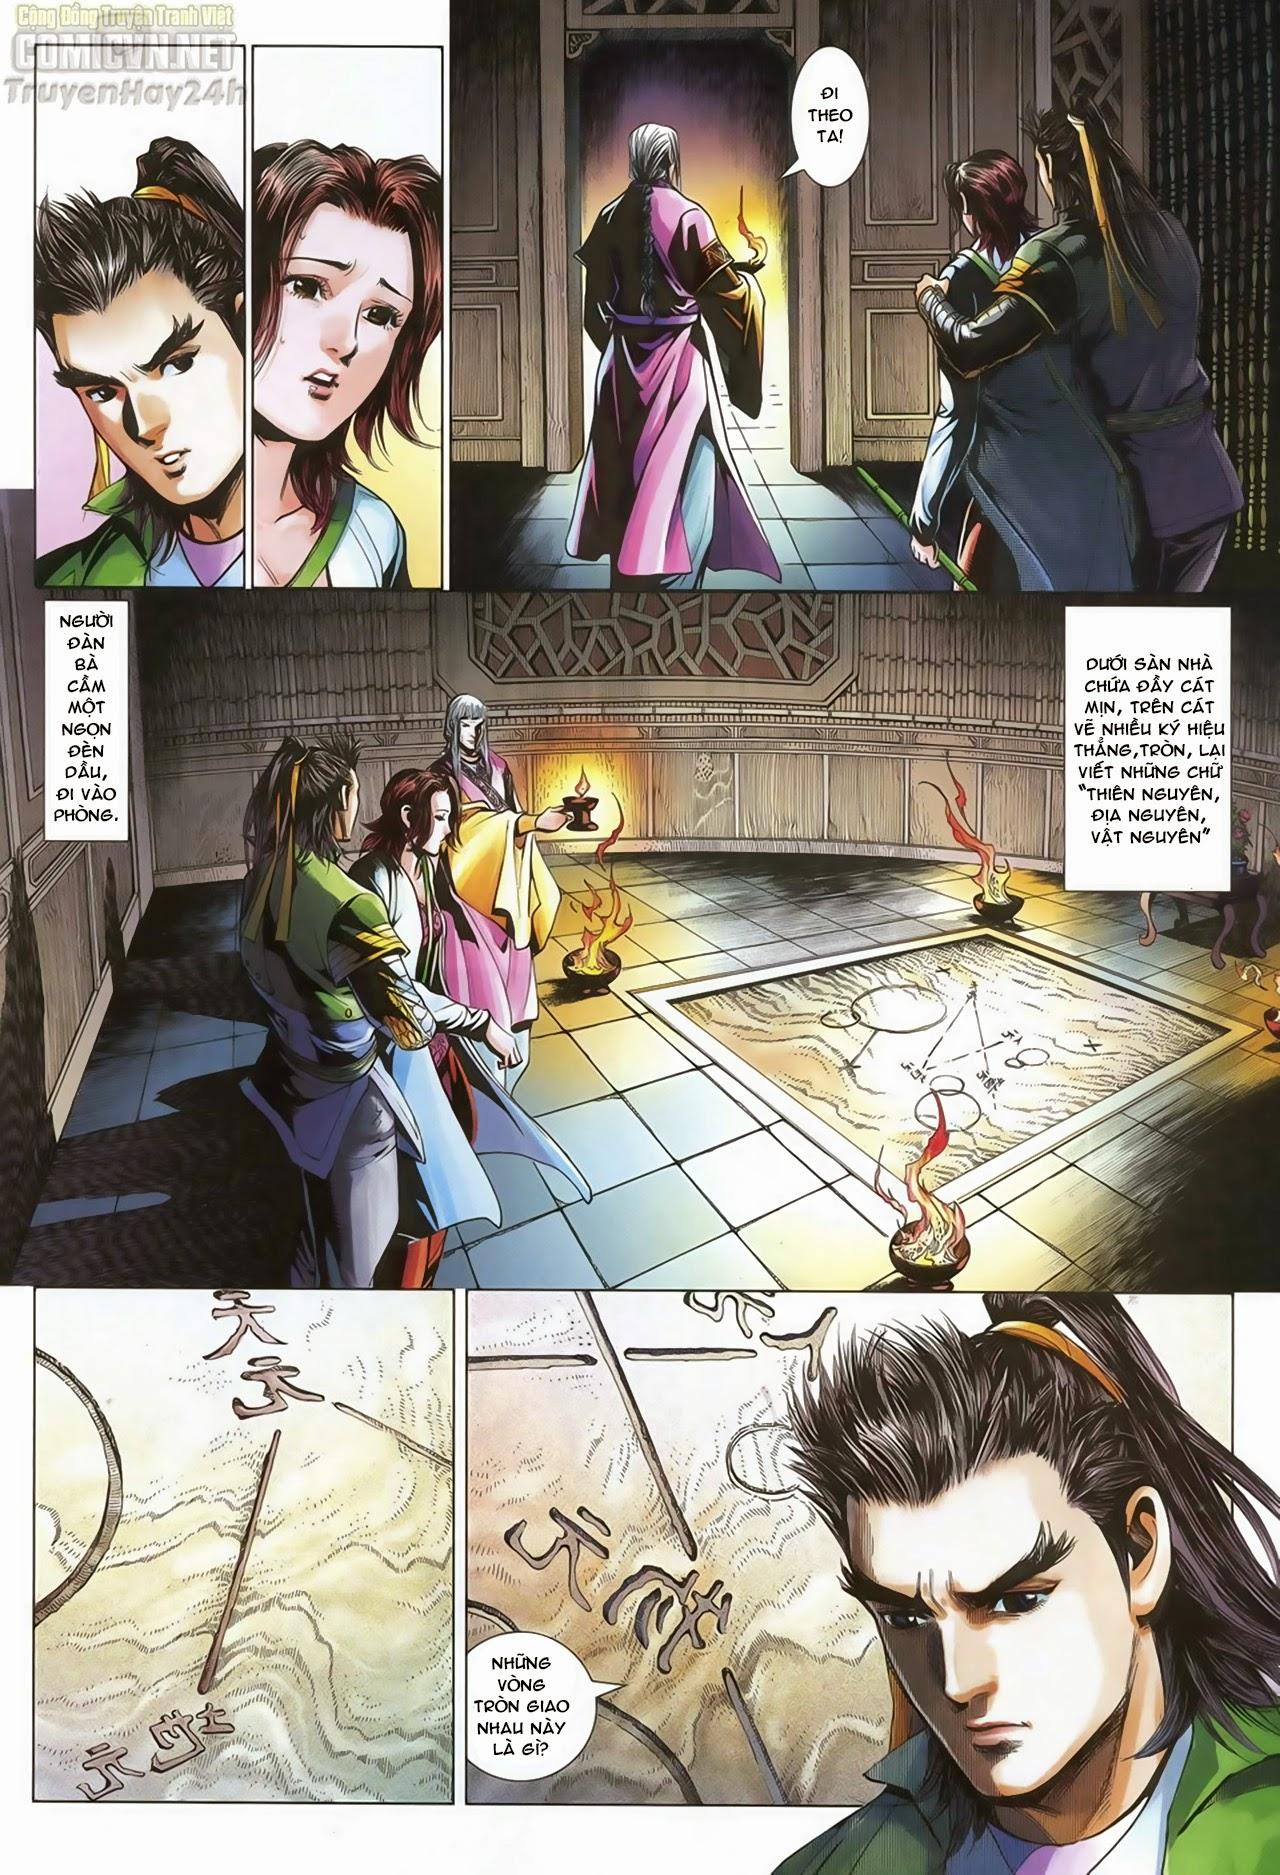 Anh Hùng Xạ Điêu anh hùng xạ đêu chap 70: hắc chiểu ẩn nữ trang 16